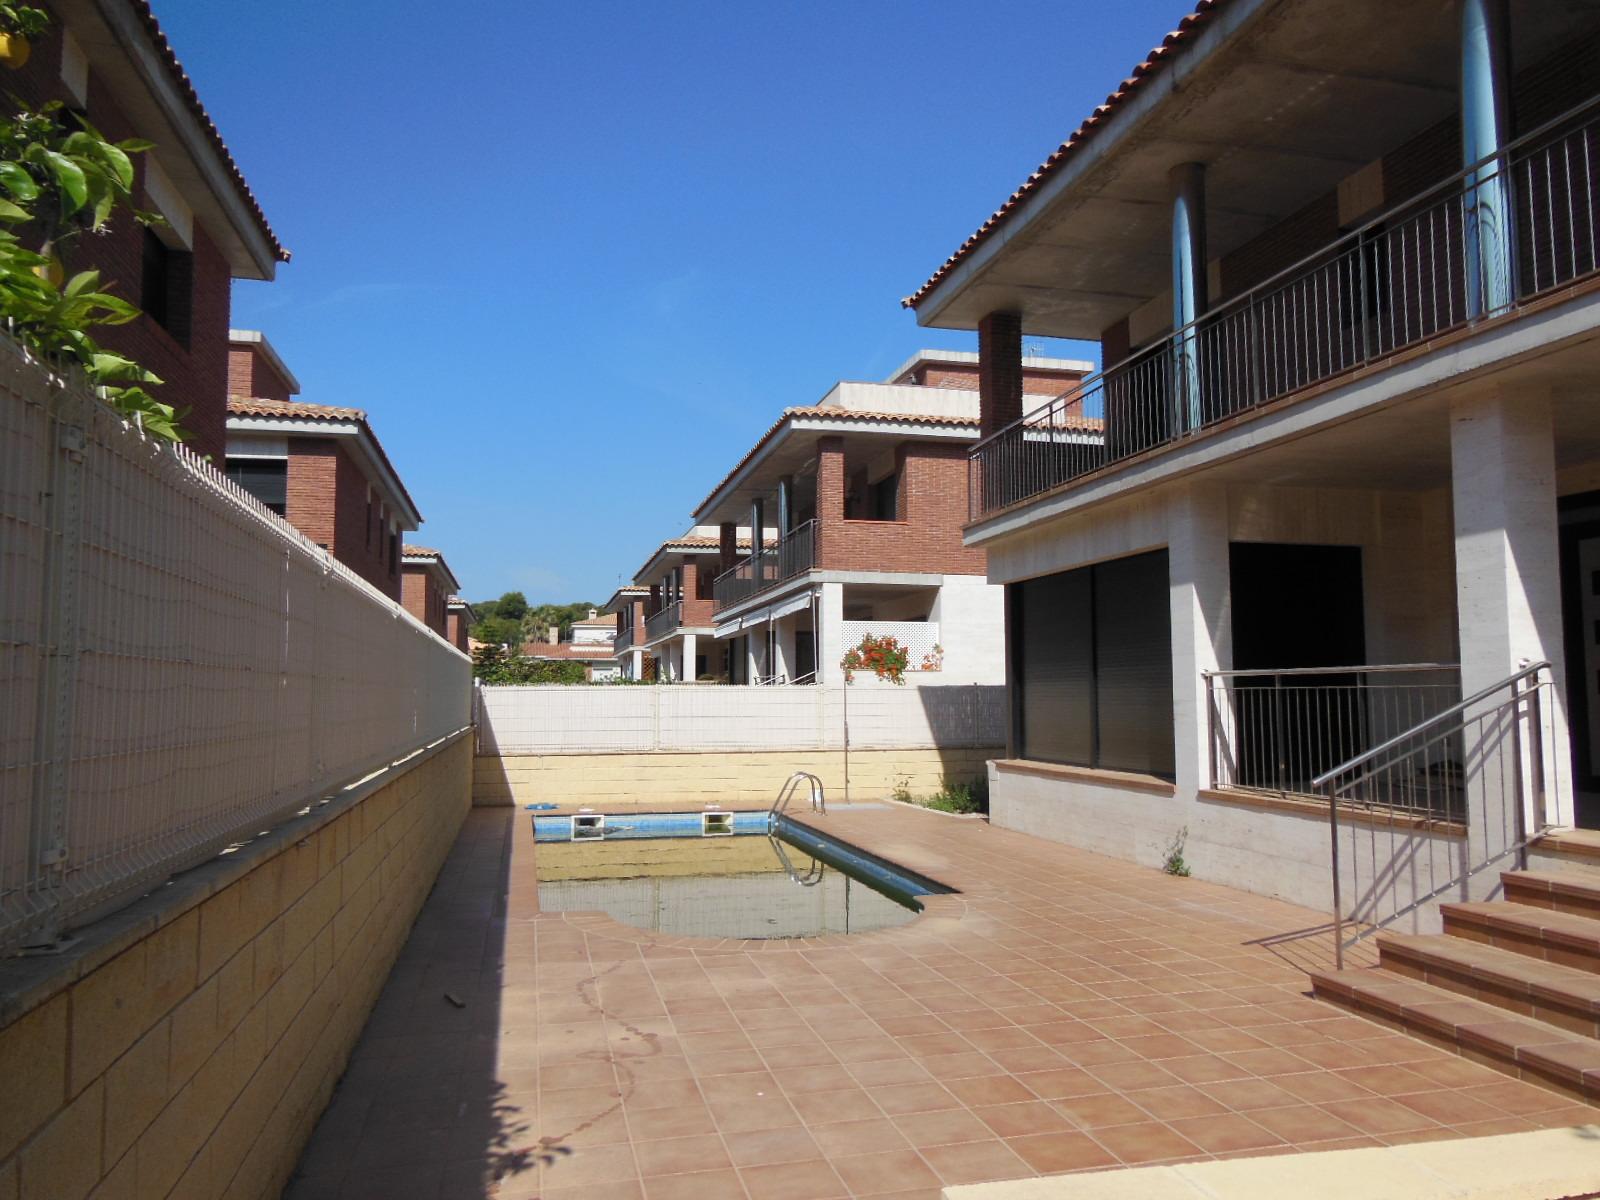 Casa en venta en Calafell, Tarragona, Calle Nicaragua, 445.000 €, 5 habitaciones, 5 baños, 355 m2